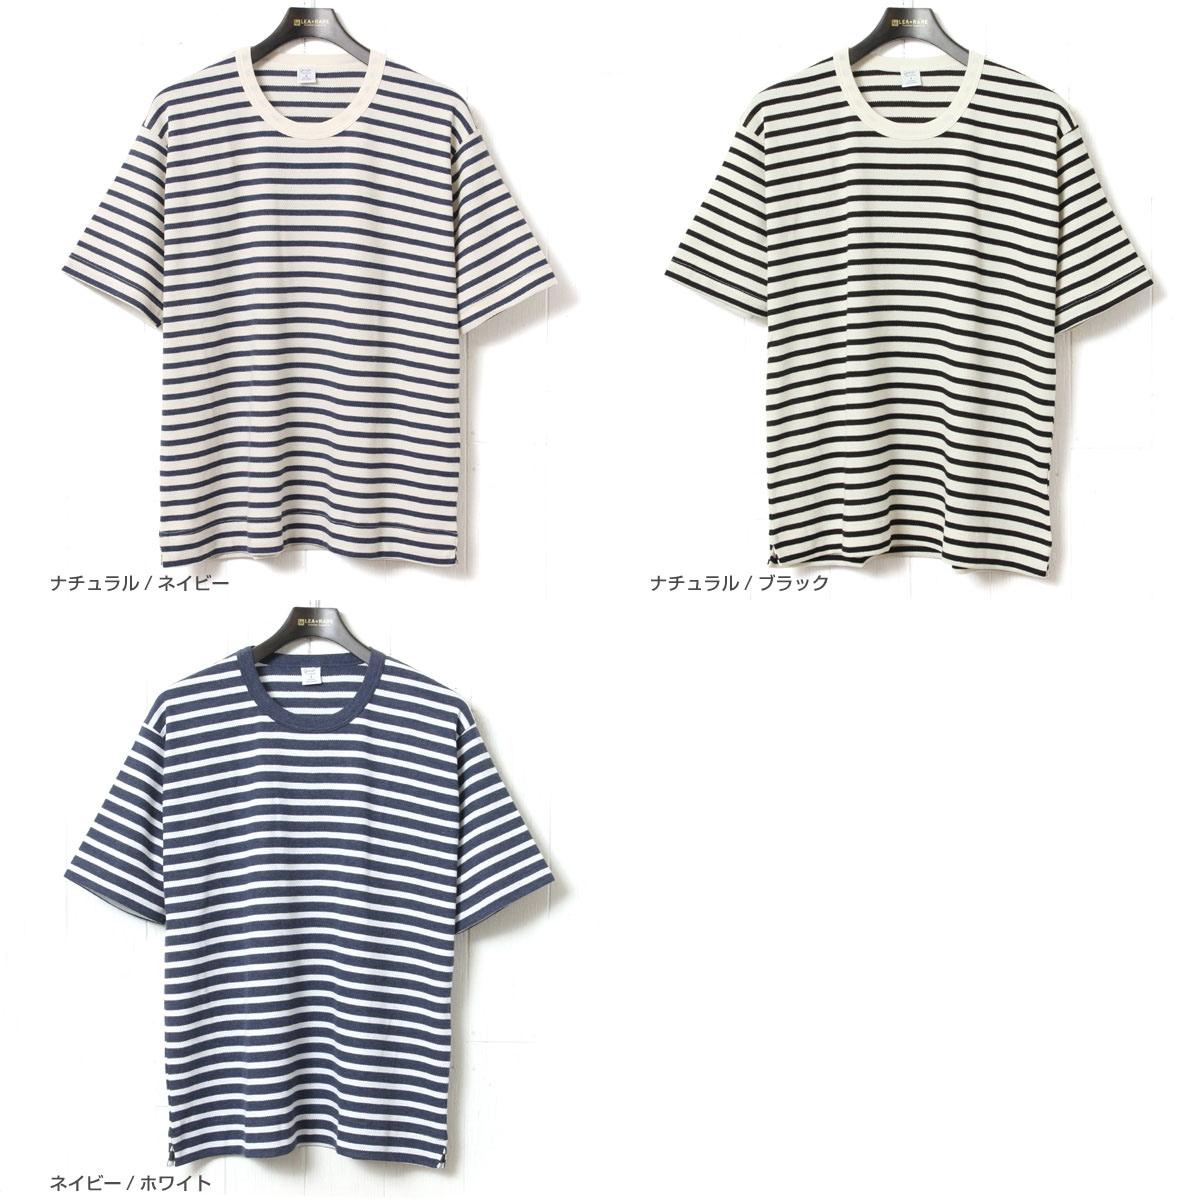 Gicipi ジチピ ワッフル ボーダー クルーネック ビッグシルエット 半袖 Tシャツ 1703